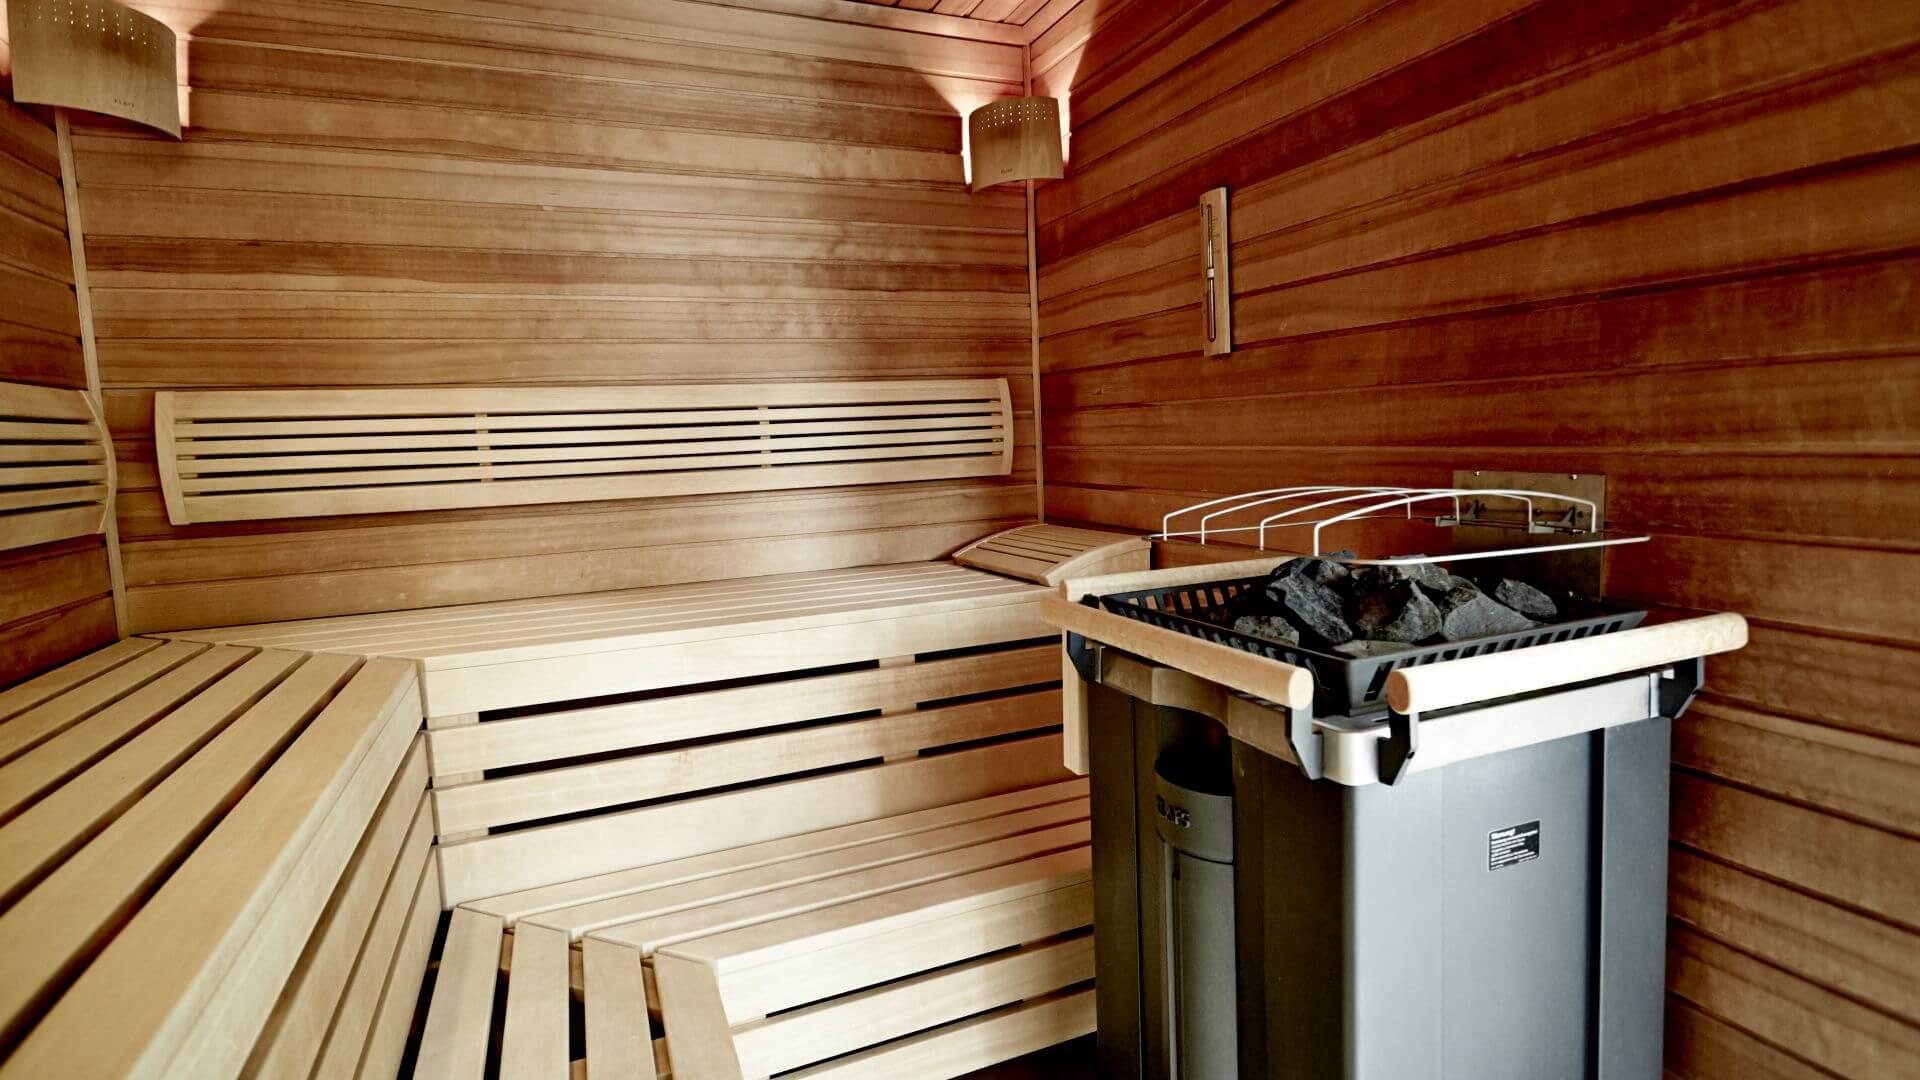 sauna dampfbad und massage f r ihren wellnessurlaub in stuttgart waldhotel stuttgart. Black Bedroom Furniture Sets. Home Design Ideas